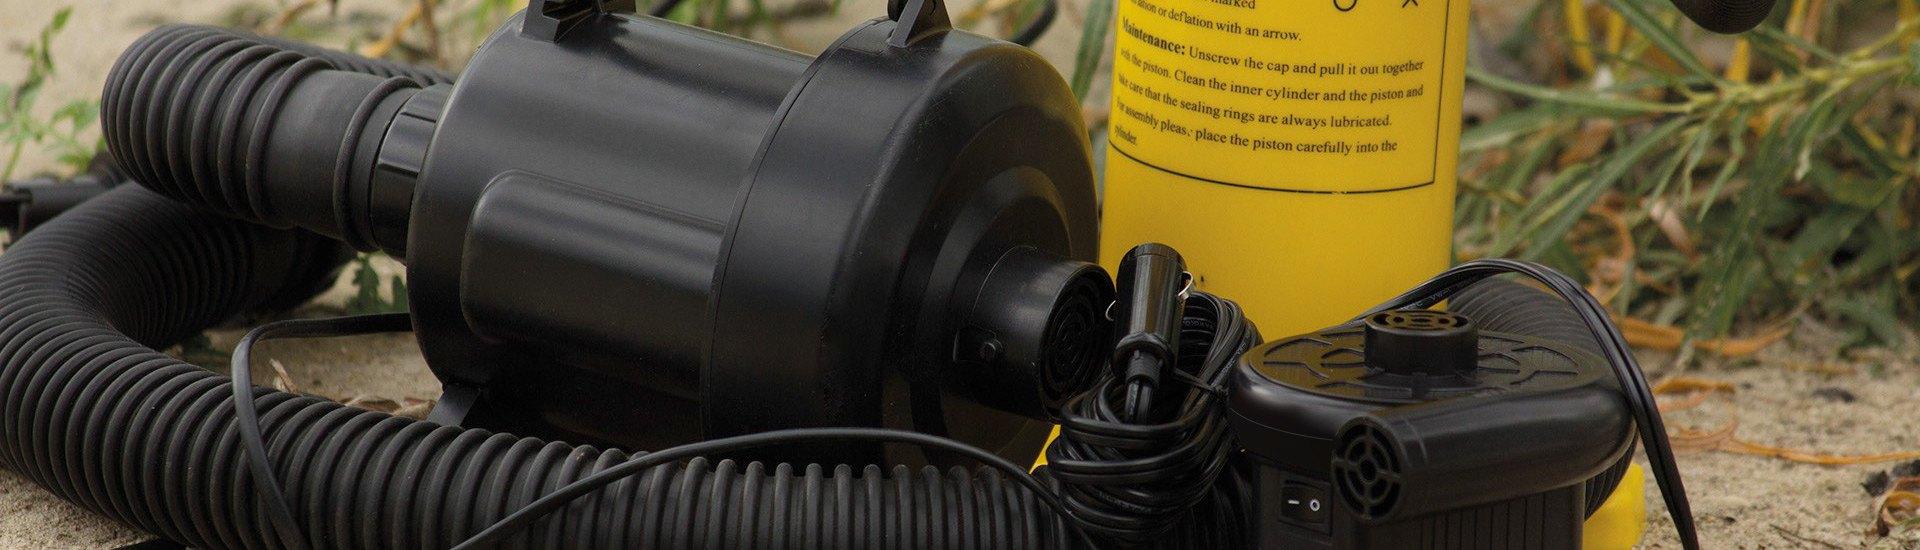 Inflator Pumps | Electric, Hand & Foot Air Pumps - RECREATIONiD com